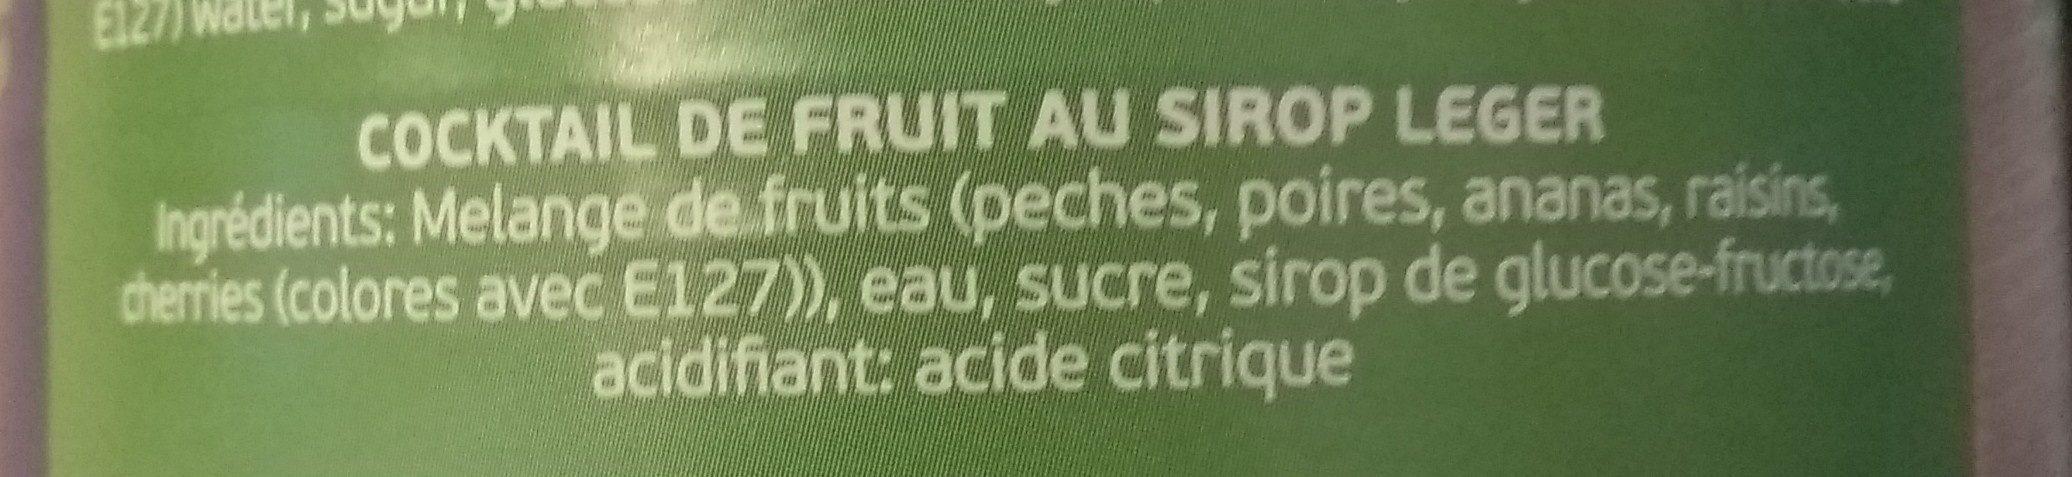 Cocktail de fruit - Ingredients